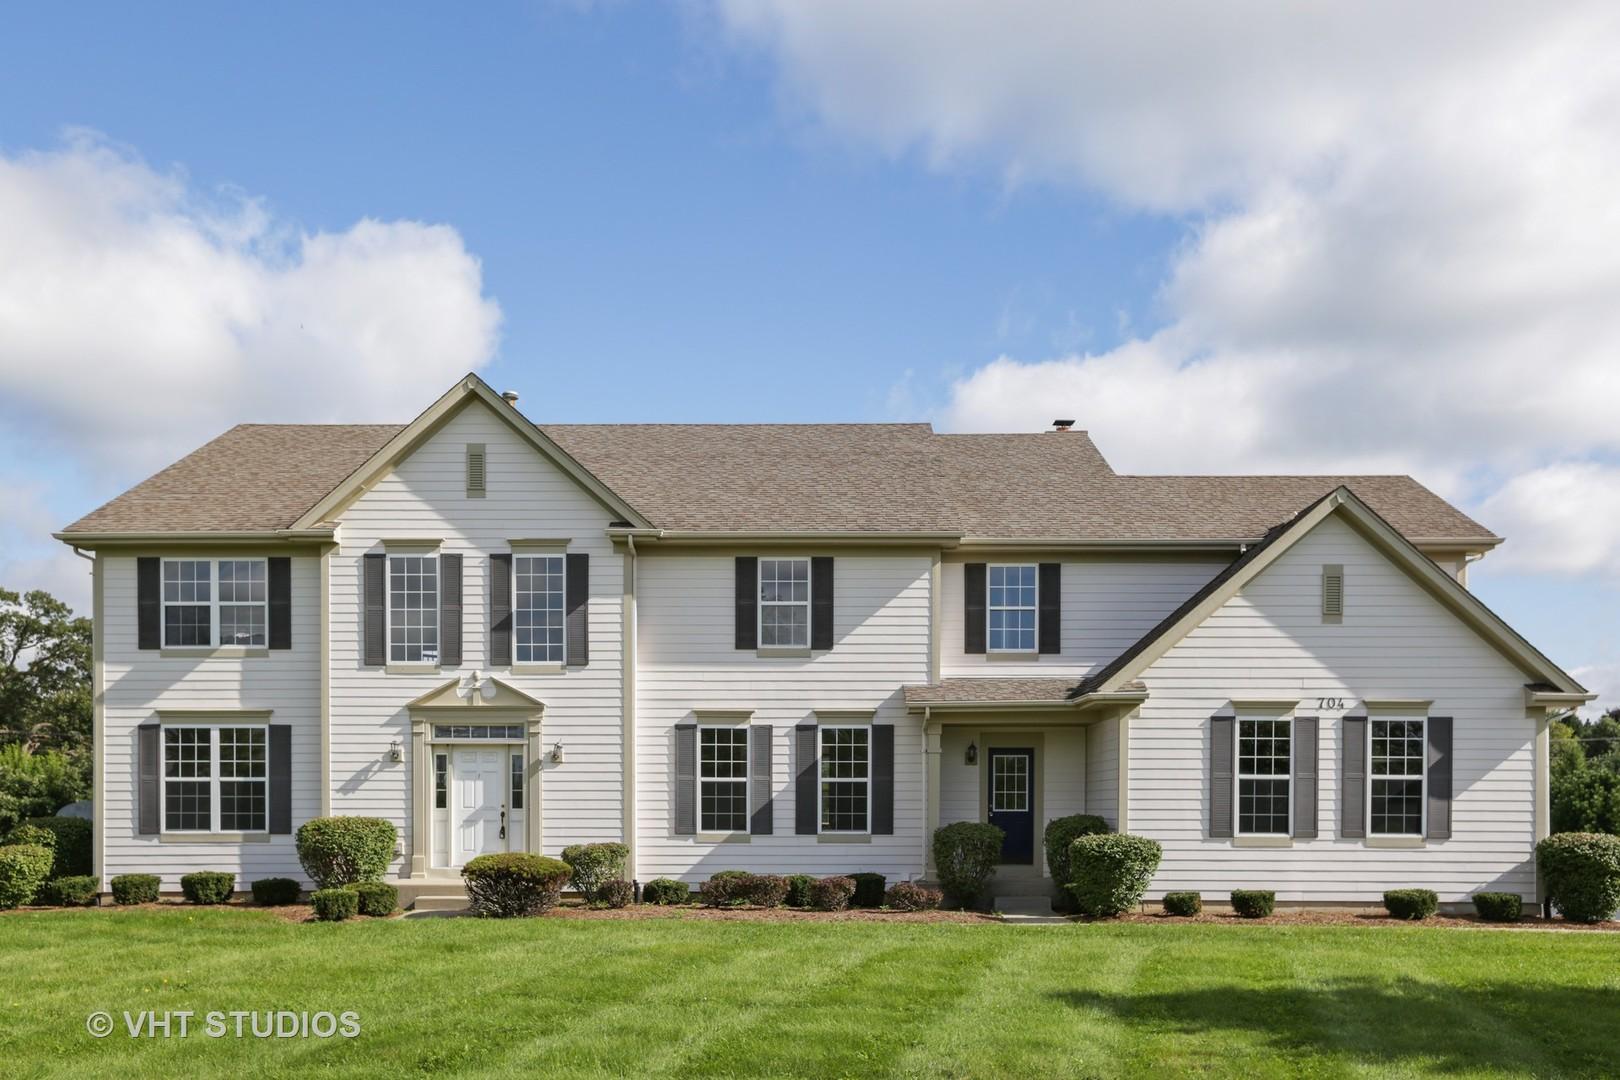 704 Goodman Court, Barrington Hills, Illinois 60010